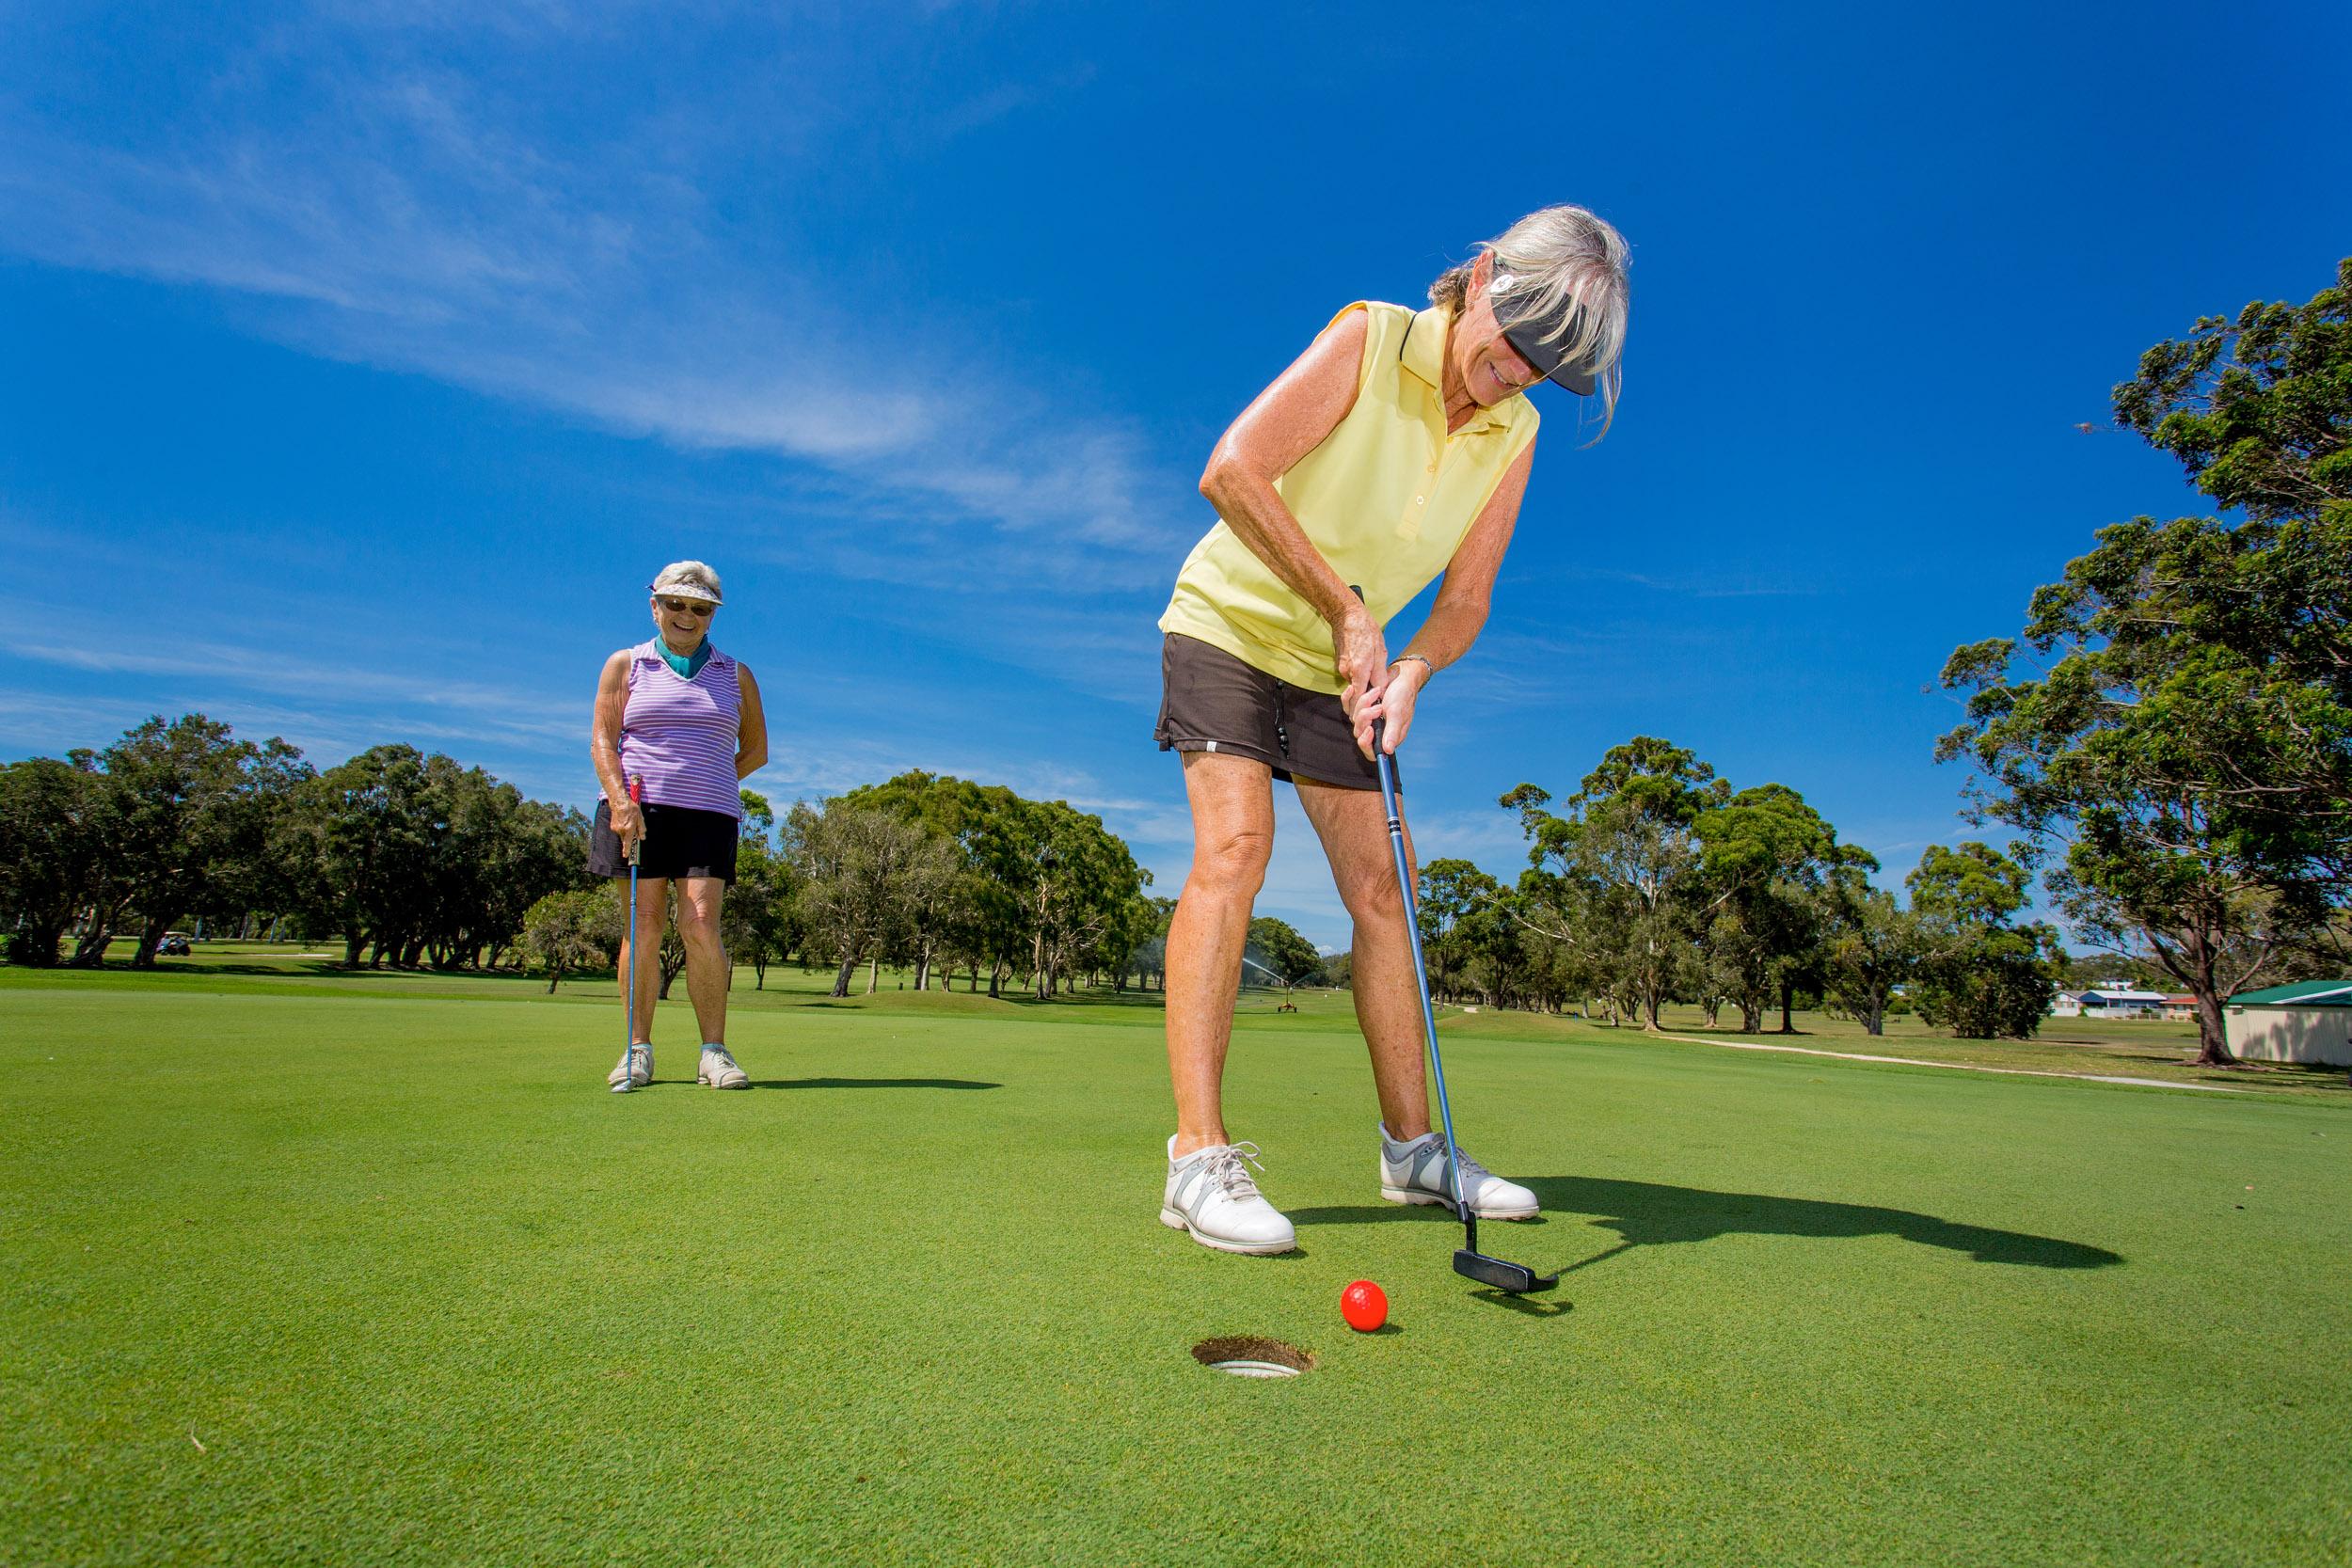 golf-course-photography-putt.jpg